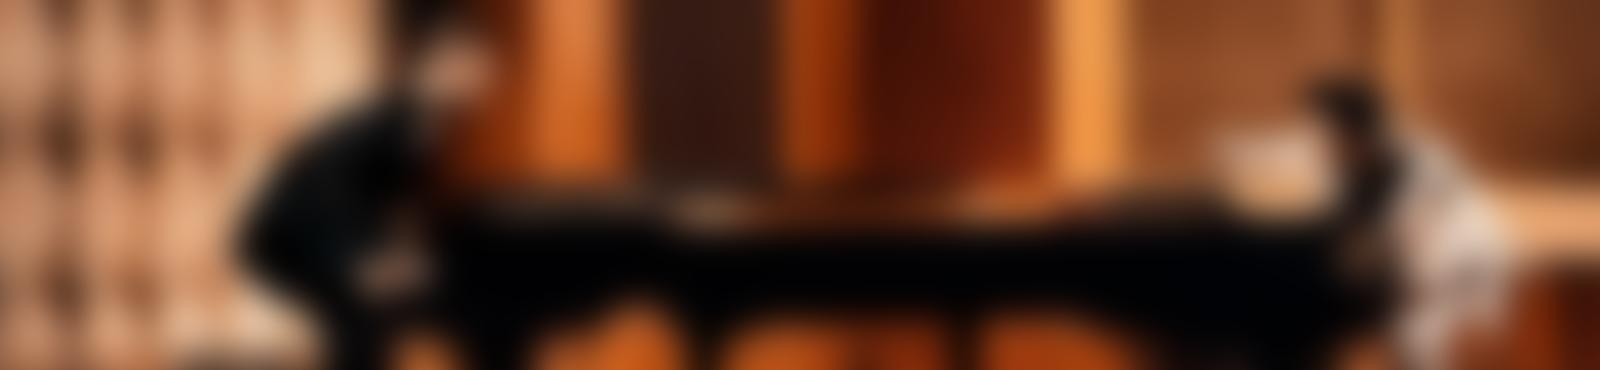 Blurred bf2a5b90 246c 462d a6c2 c84a37d01ddf